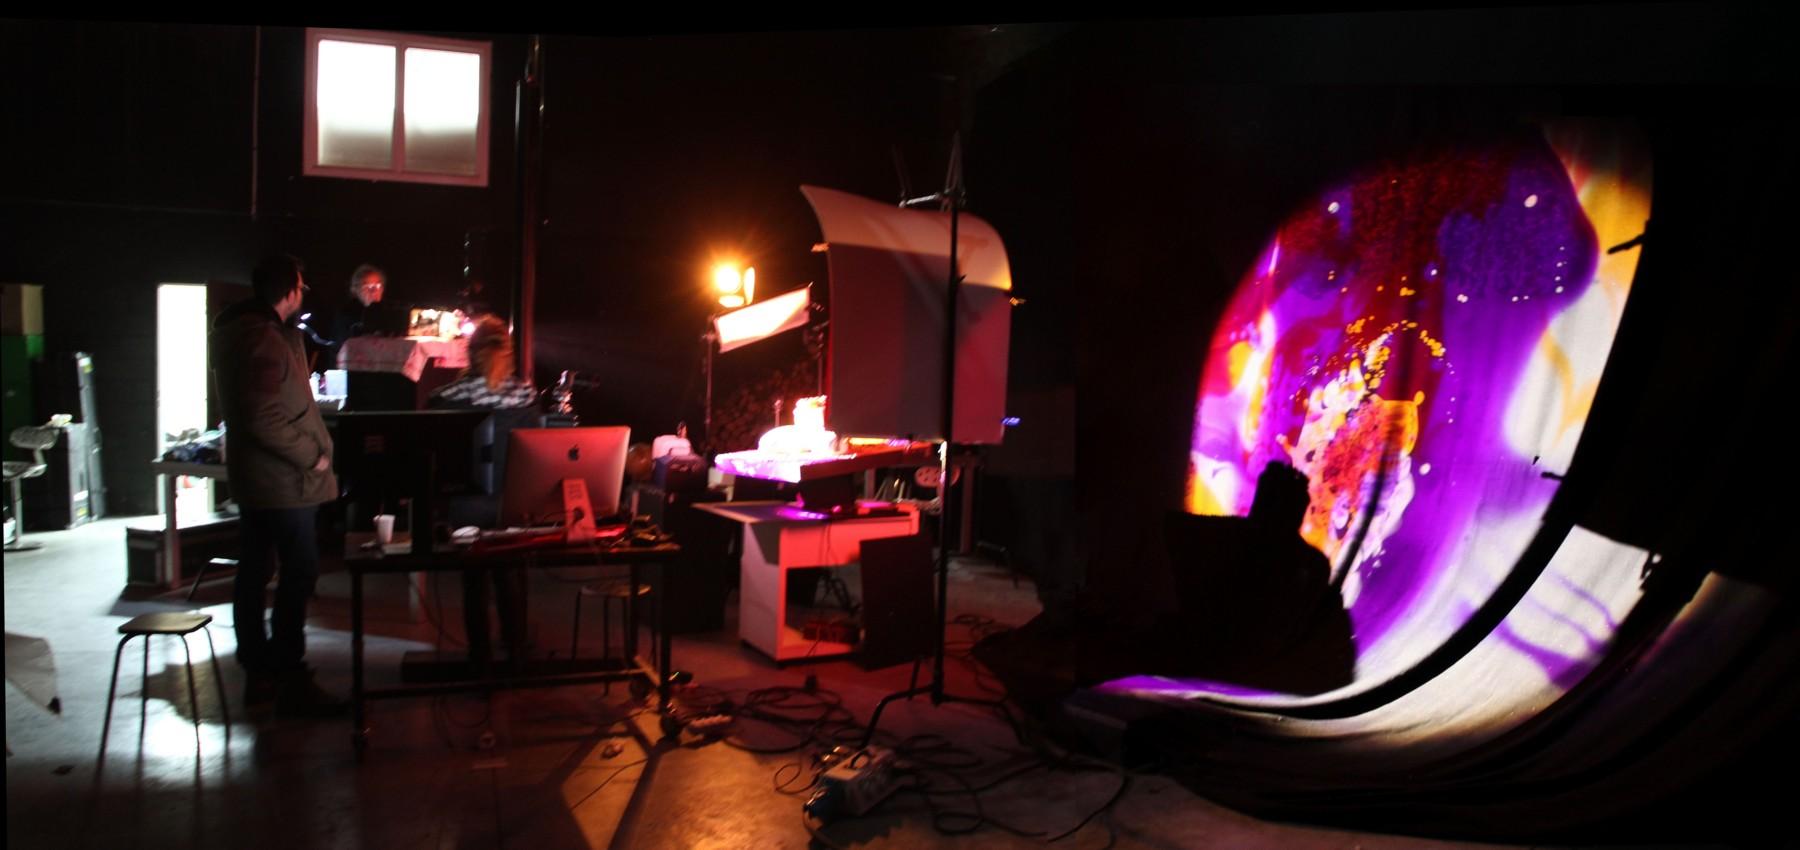 15 03 27 - 12h 01m 20s - tournage vidéo g grossmann asnières_stitch 2tr r